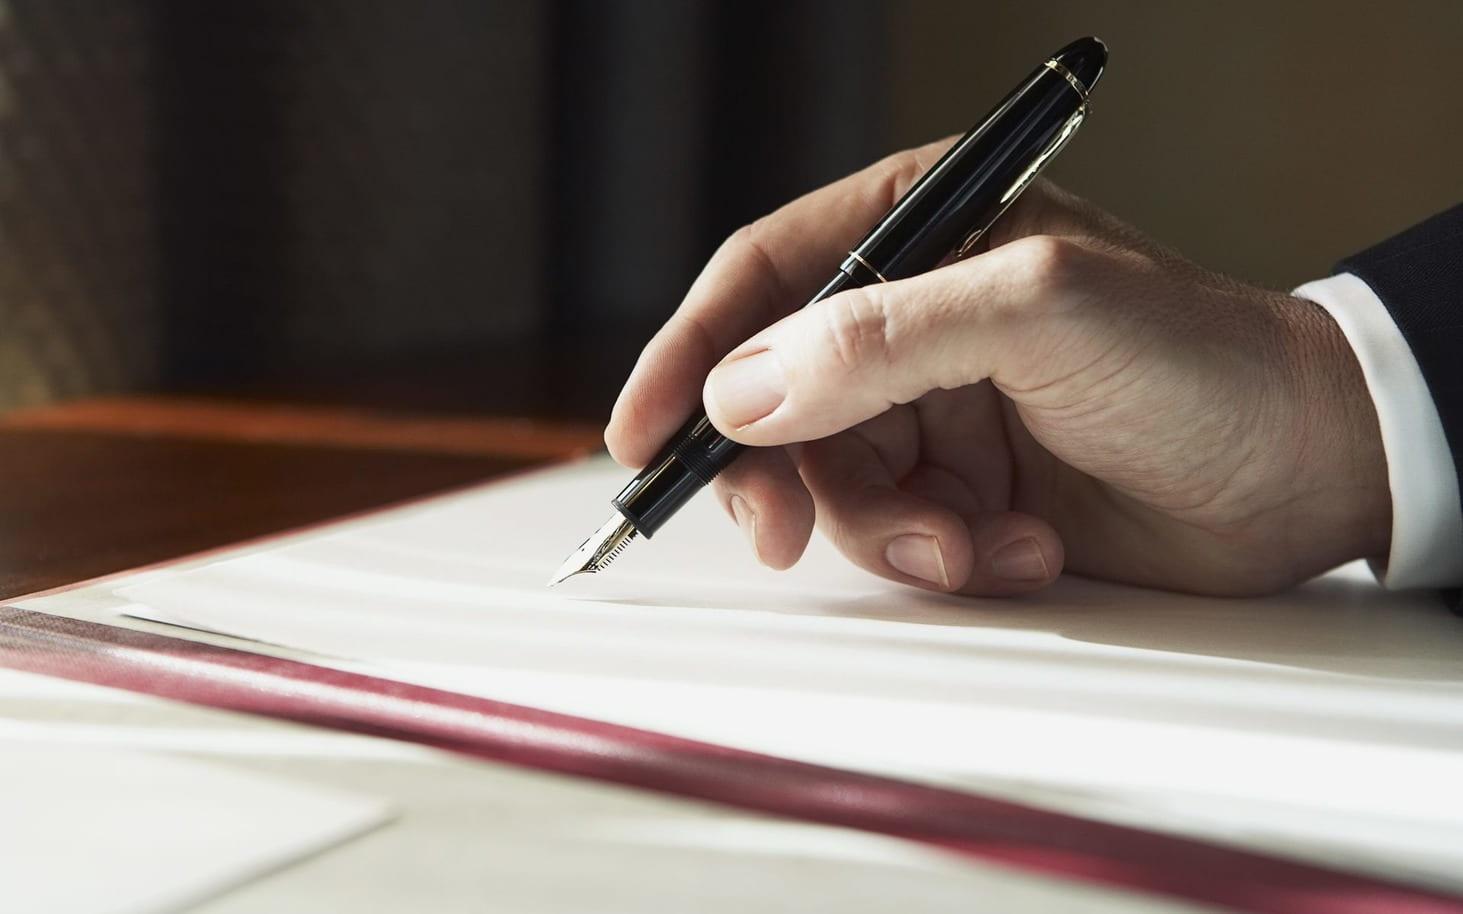 v-zakon-ob-obrazovanii-mogut-vnesti-popravki-kotorye-snizyat-otchetnost-dlya-uchitelej